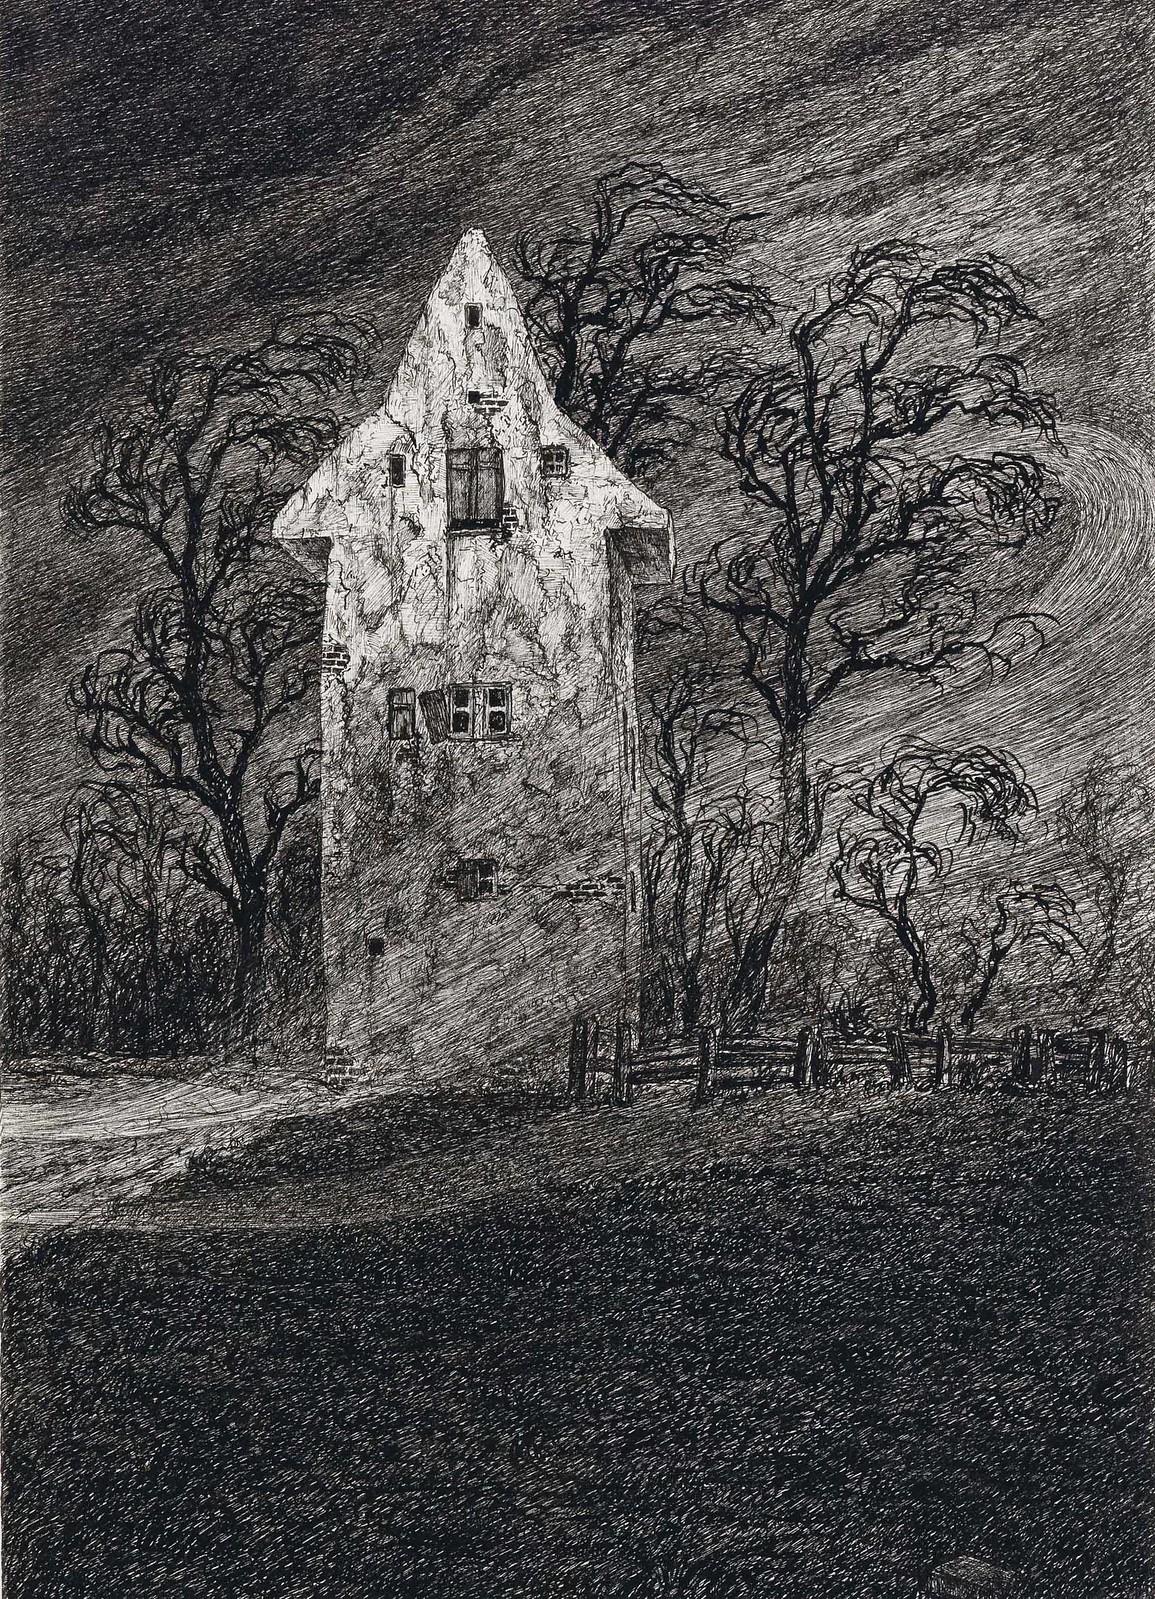 Fritz Schwimbeck - Untitled, 1917